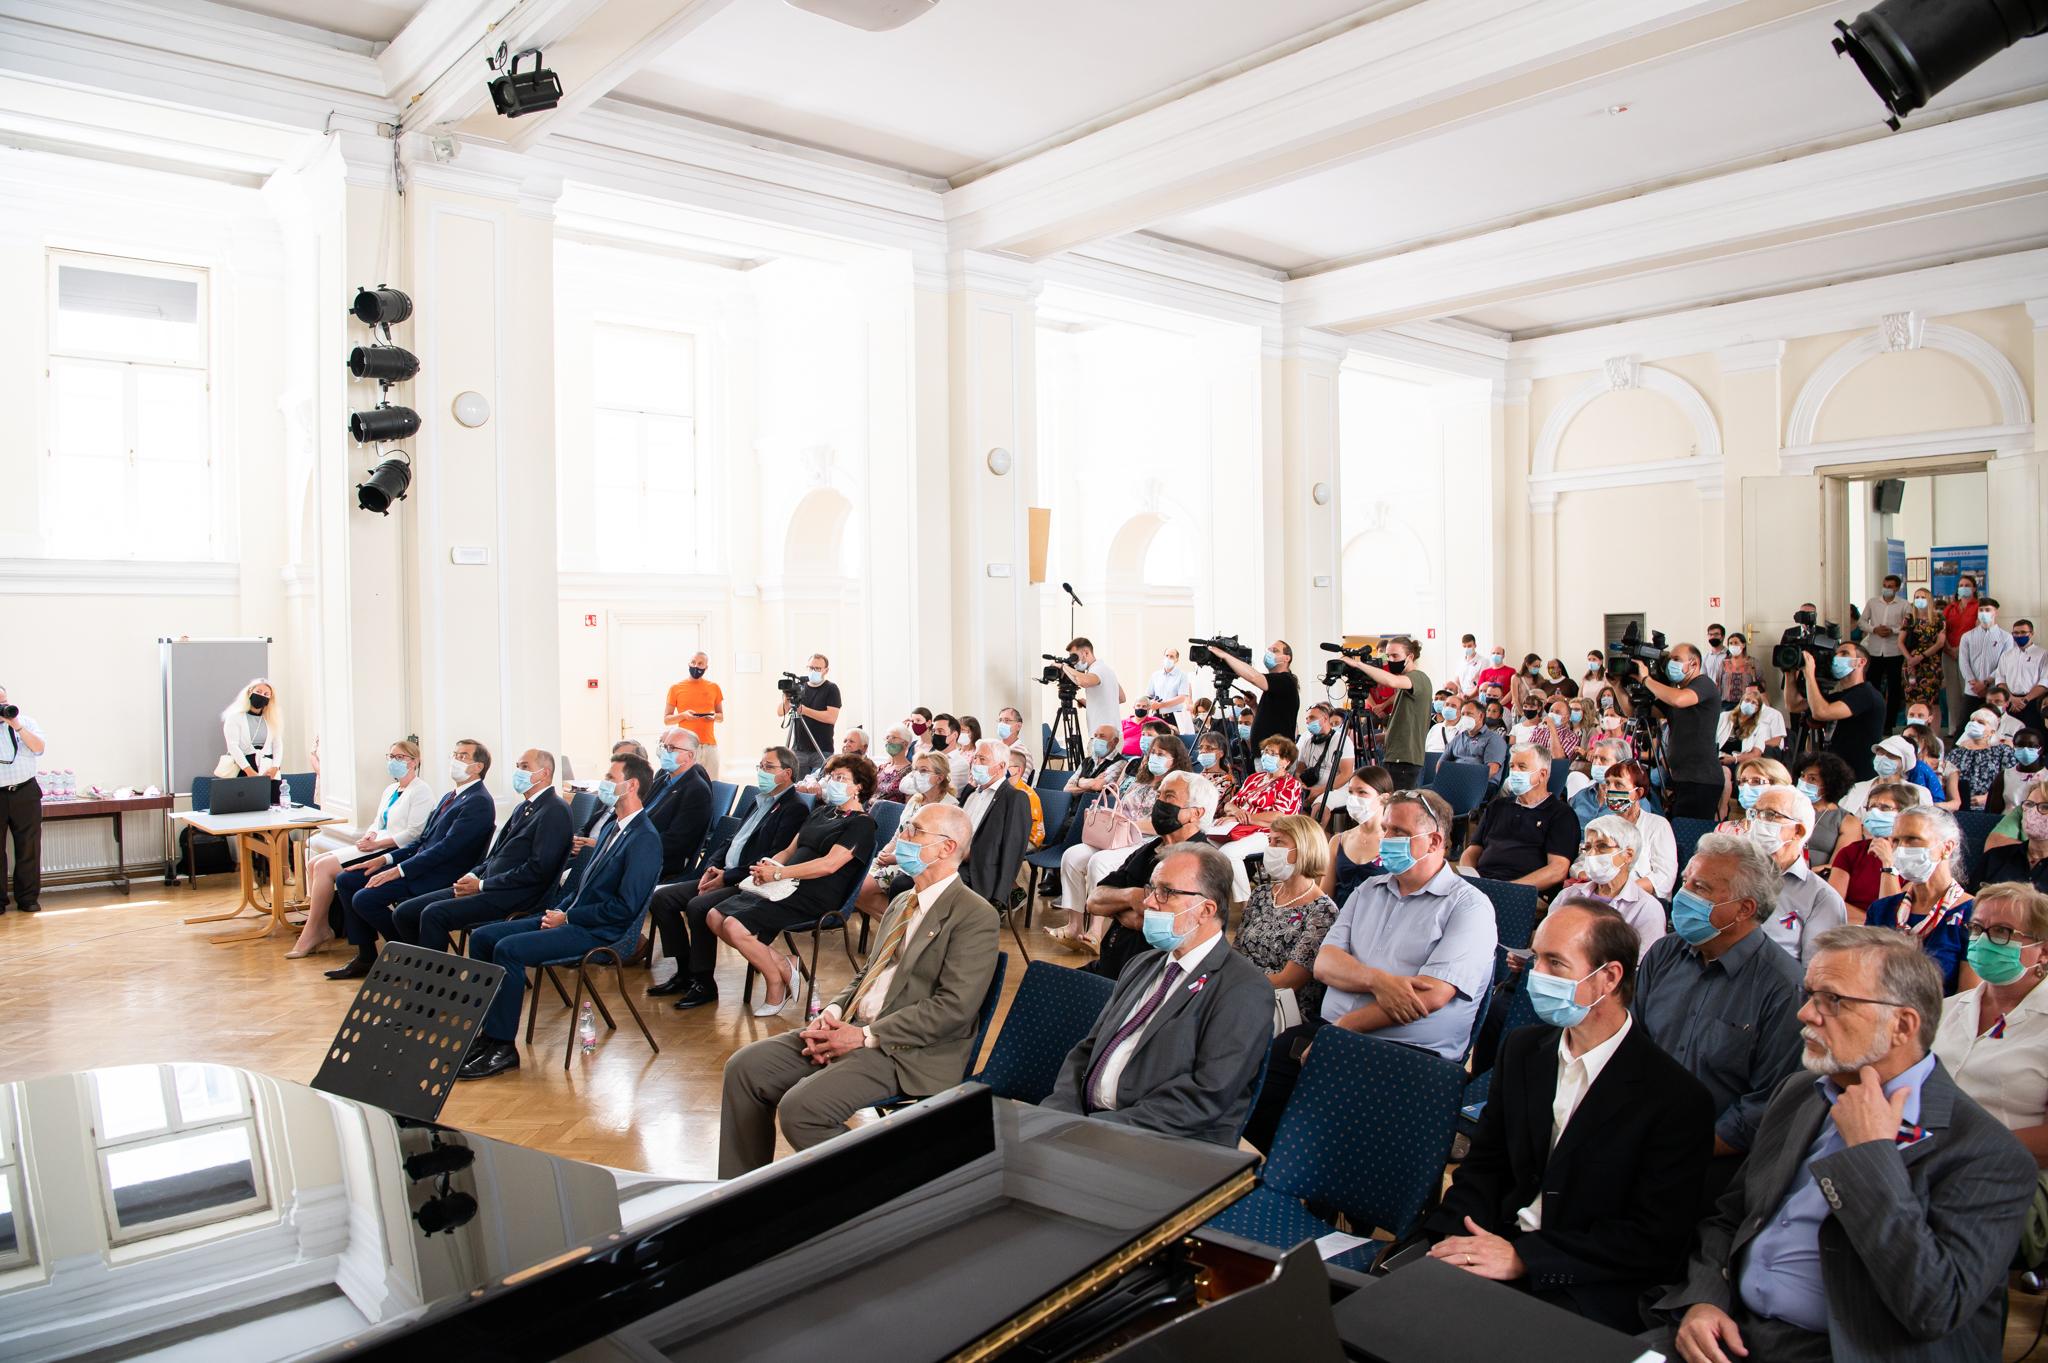 Slovesnost ob 30. obletnici samostojne države Slovenije v organizaciji izseljenskega društva Slovenija v svetu